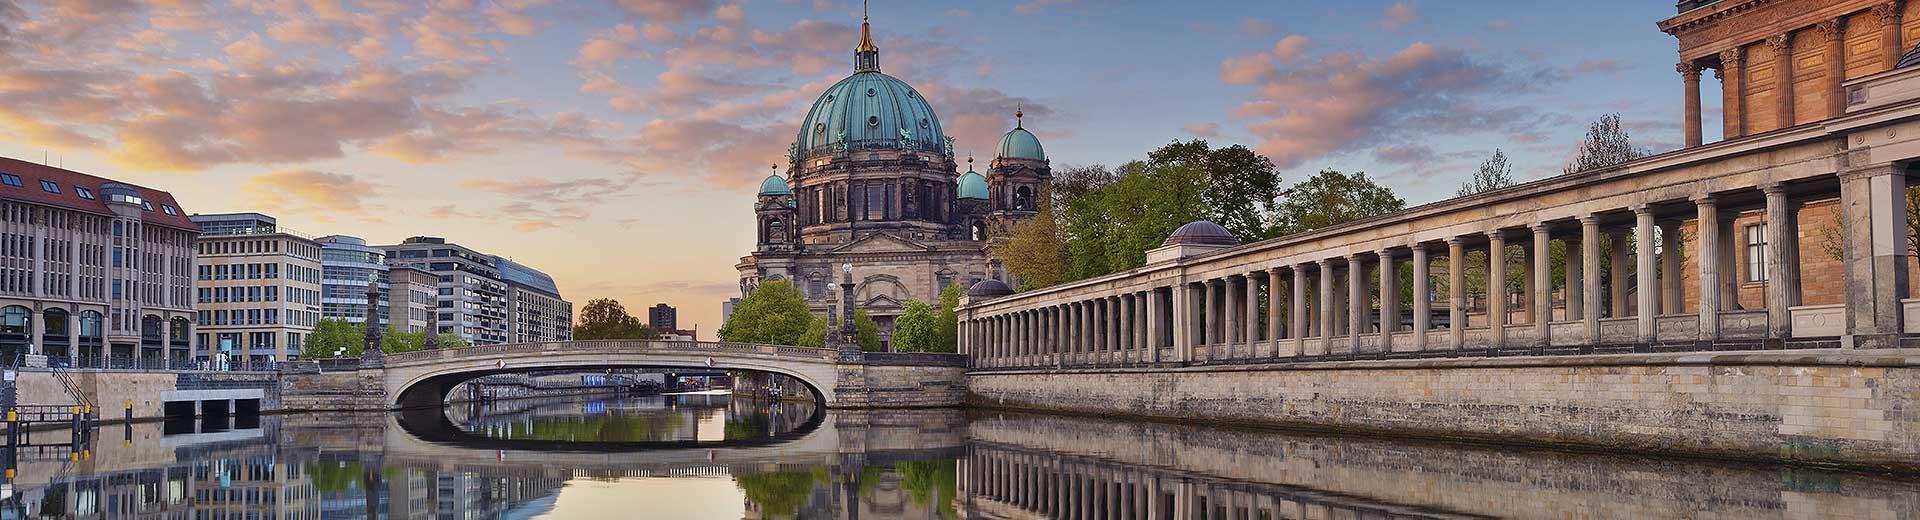 Voyages en groupe Berlin - offre confort train